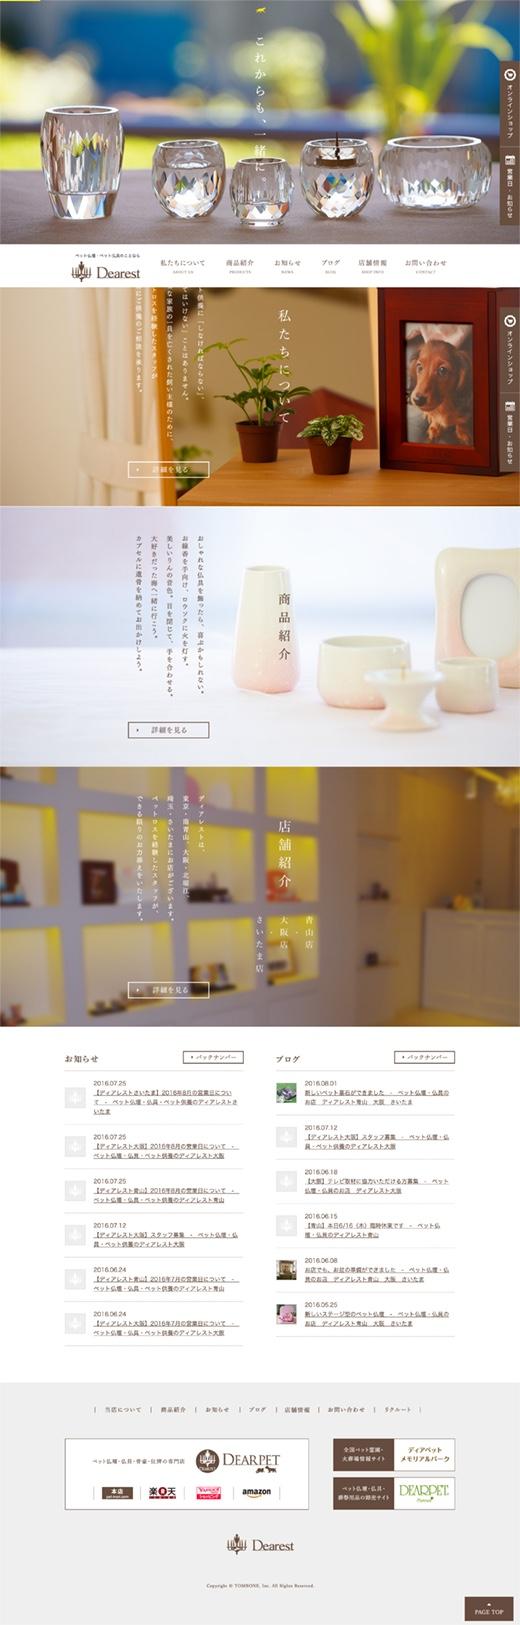 ペット仏壇・仏具のディアペットPC画像